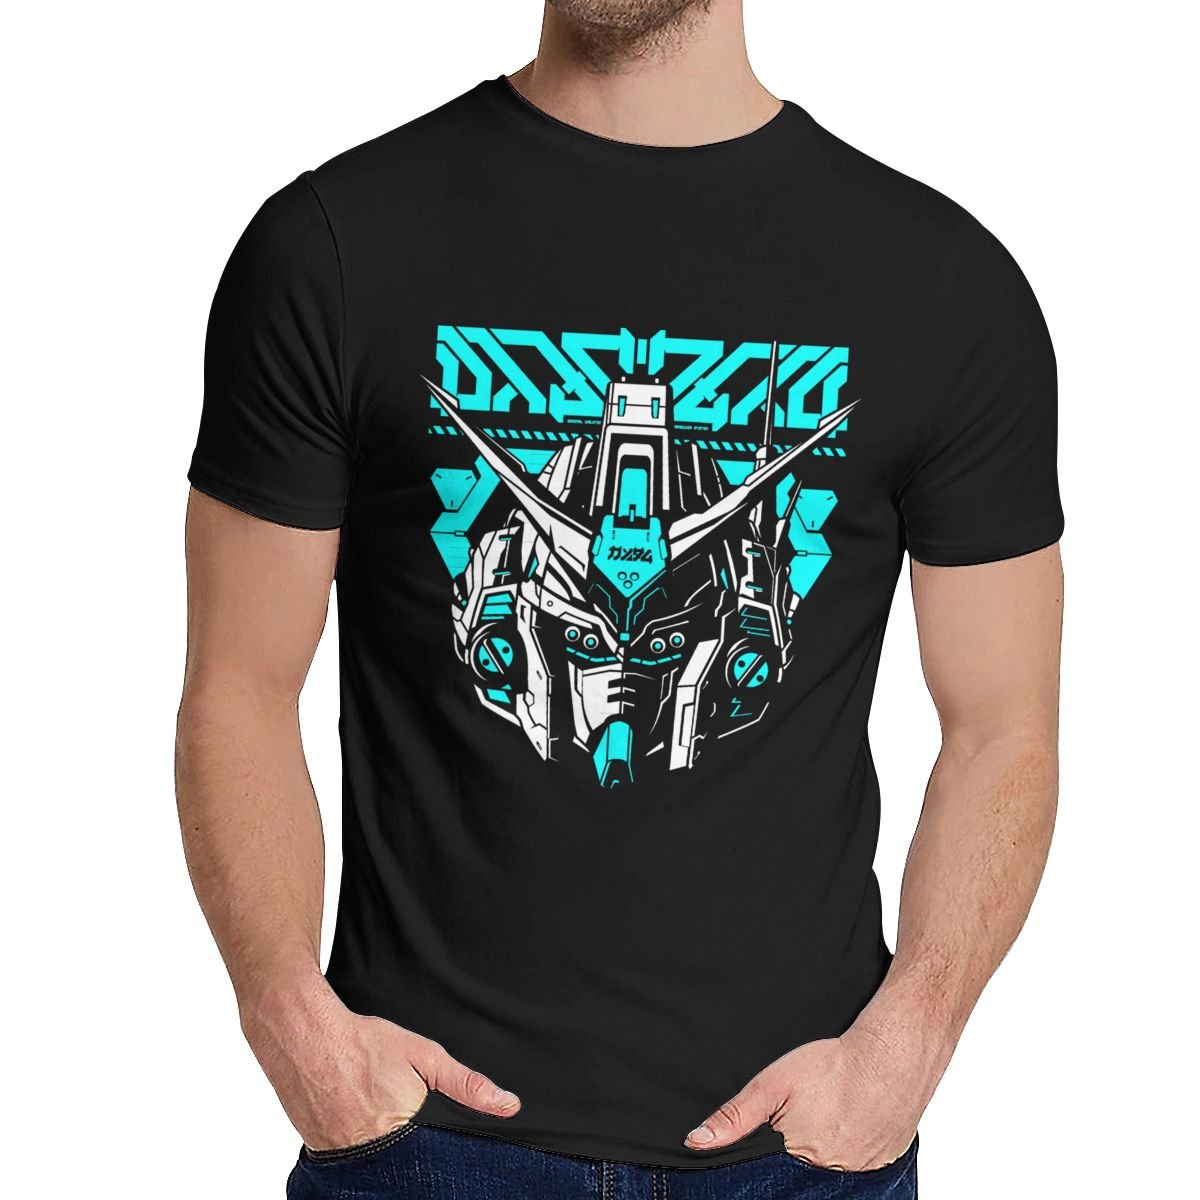 Legal robô móvel terno gundam Rx-78 camiseta crewneck 3d impressão unisex frete grátis tamanho grande t camisa